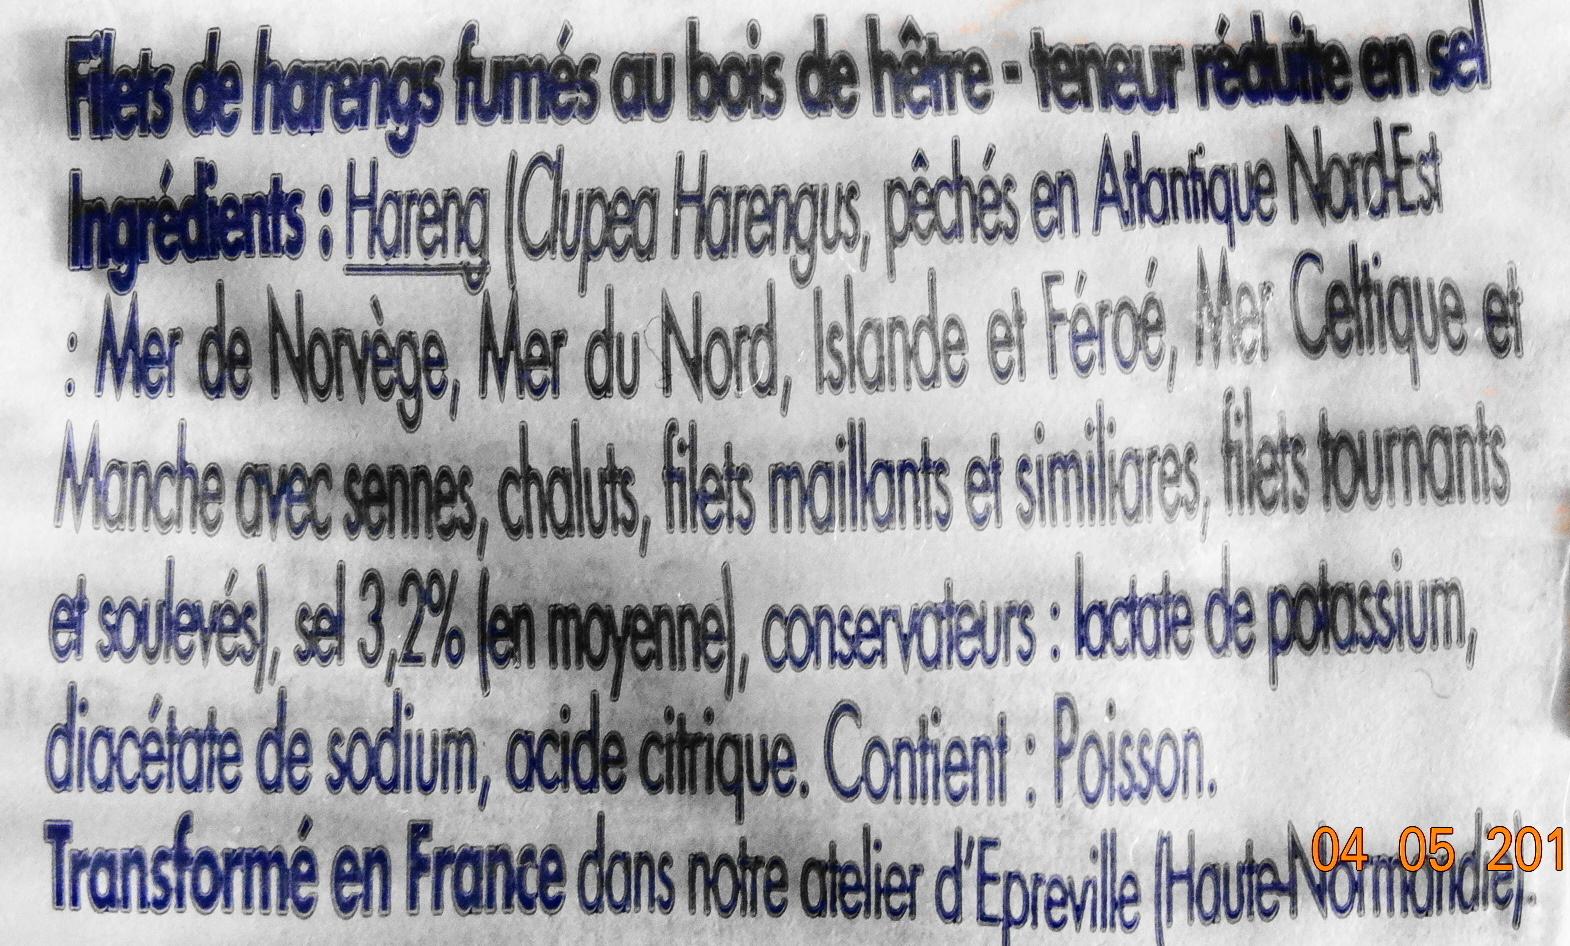 Hareng fumé, sel réduit de 25%, lot de 2 - Ingredients - fr